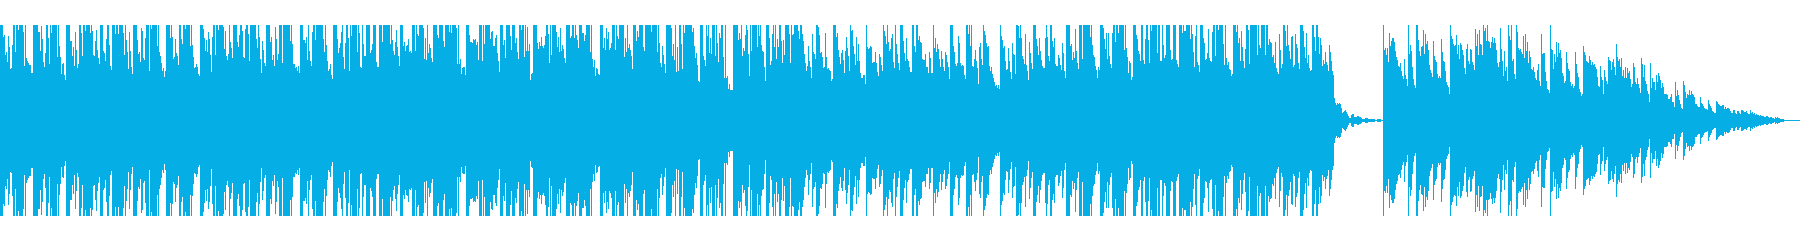 エレガントでお洒落な雰囲気のピアノ曲の再生済みの波形